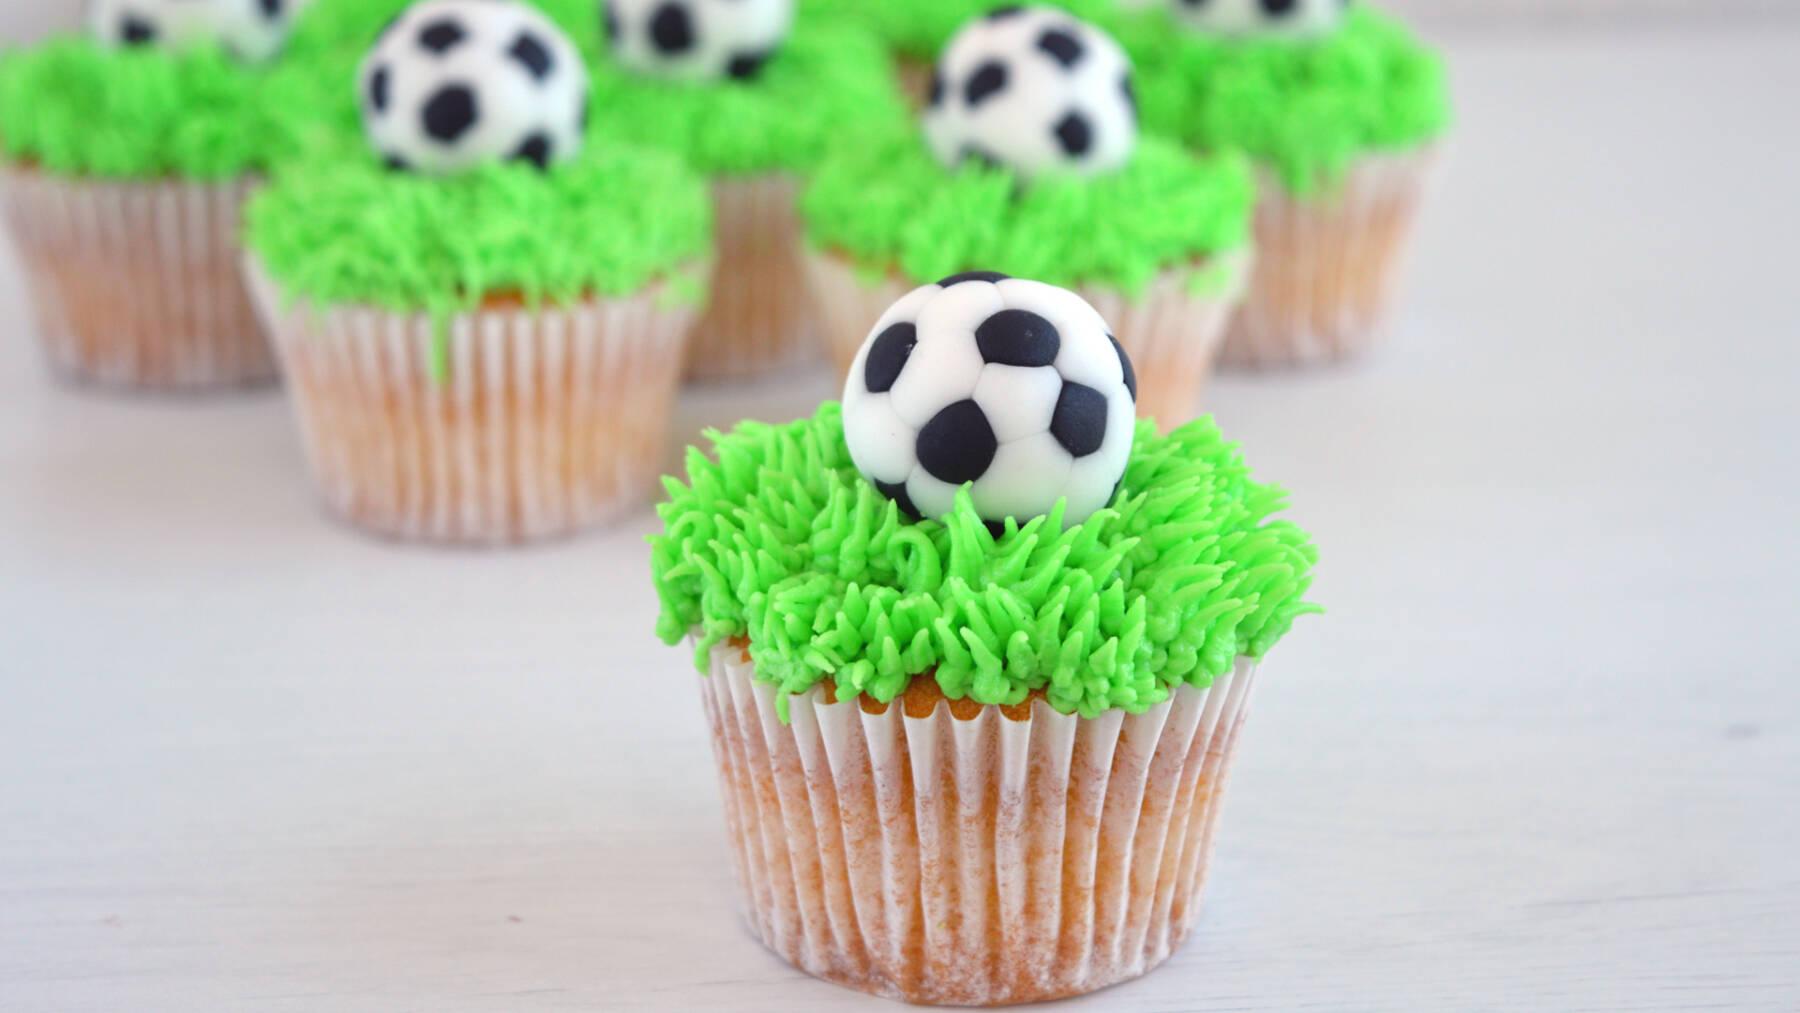 Cupcake calcio, come fare una torta tema calcio, palla da calcio in pasta di zucchero, palline in pasta di zucchero, torta pallone da calcio, ricetta facile cupcake, cupcake alla vaniglia, crema al burro, ricetta, ricetta originale cupcake,